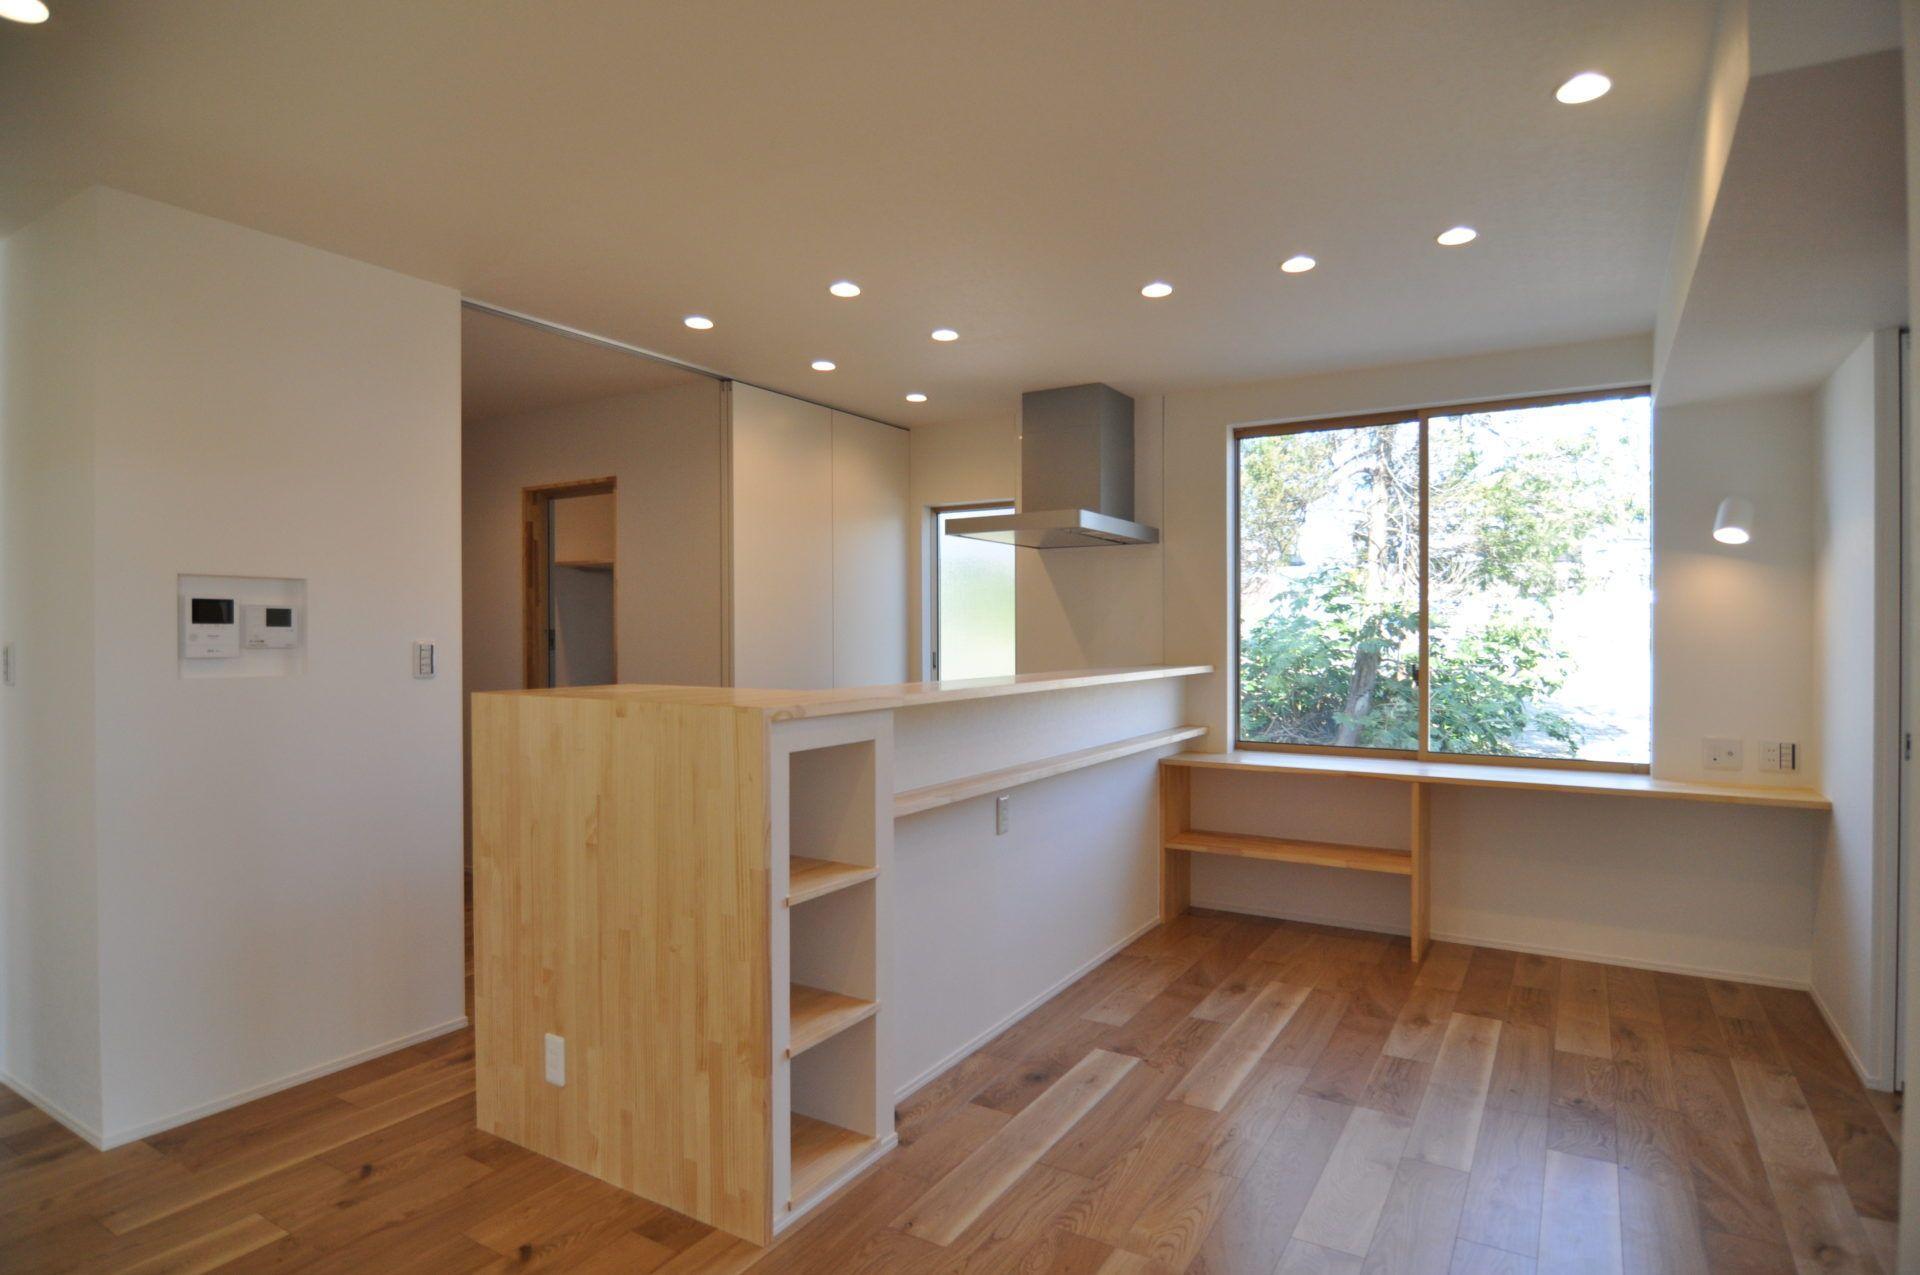 有限会社 市川建築店 1級建築士事務所「加茂市 Y様邸」のシンプル・ナチュラル・モダンなキッチンの実例写真